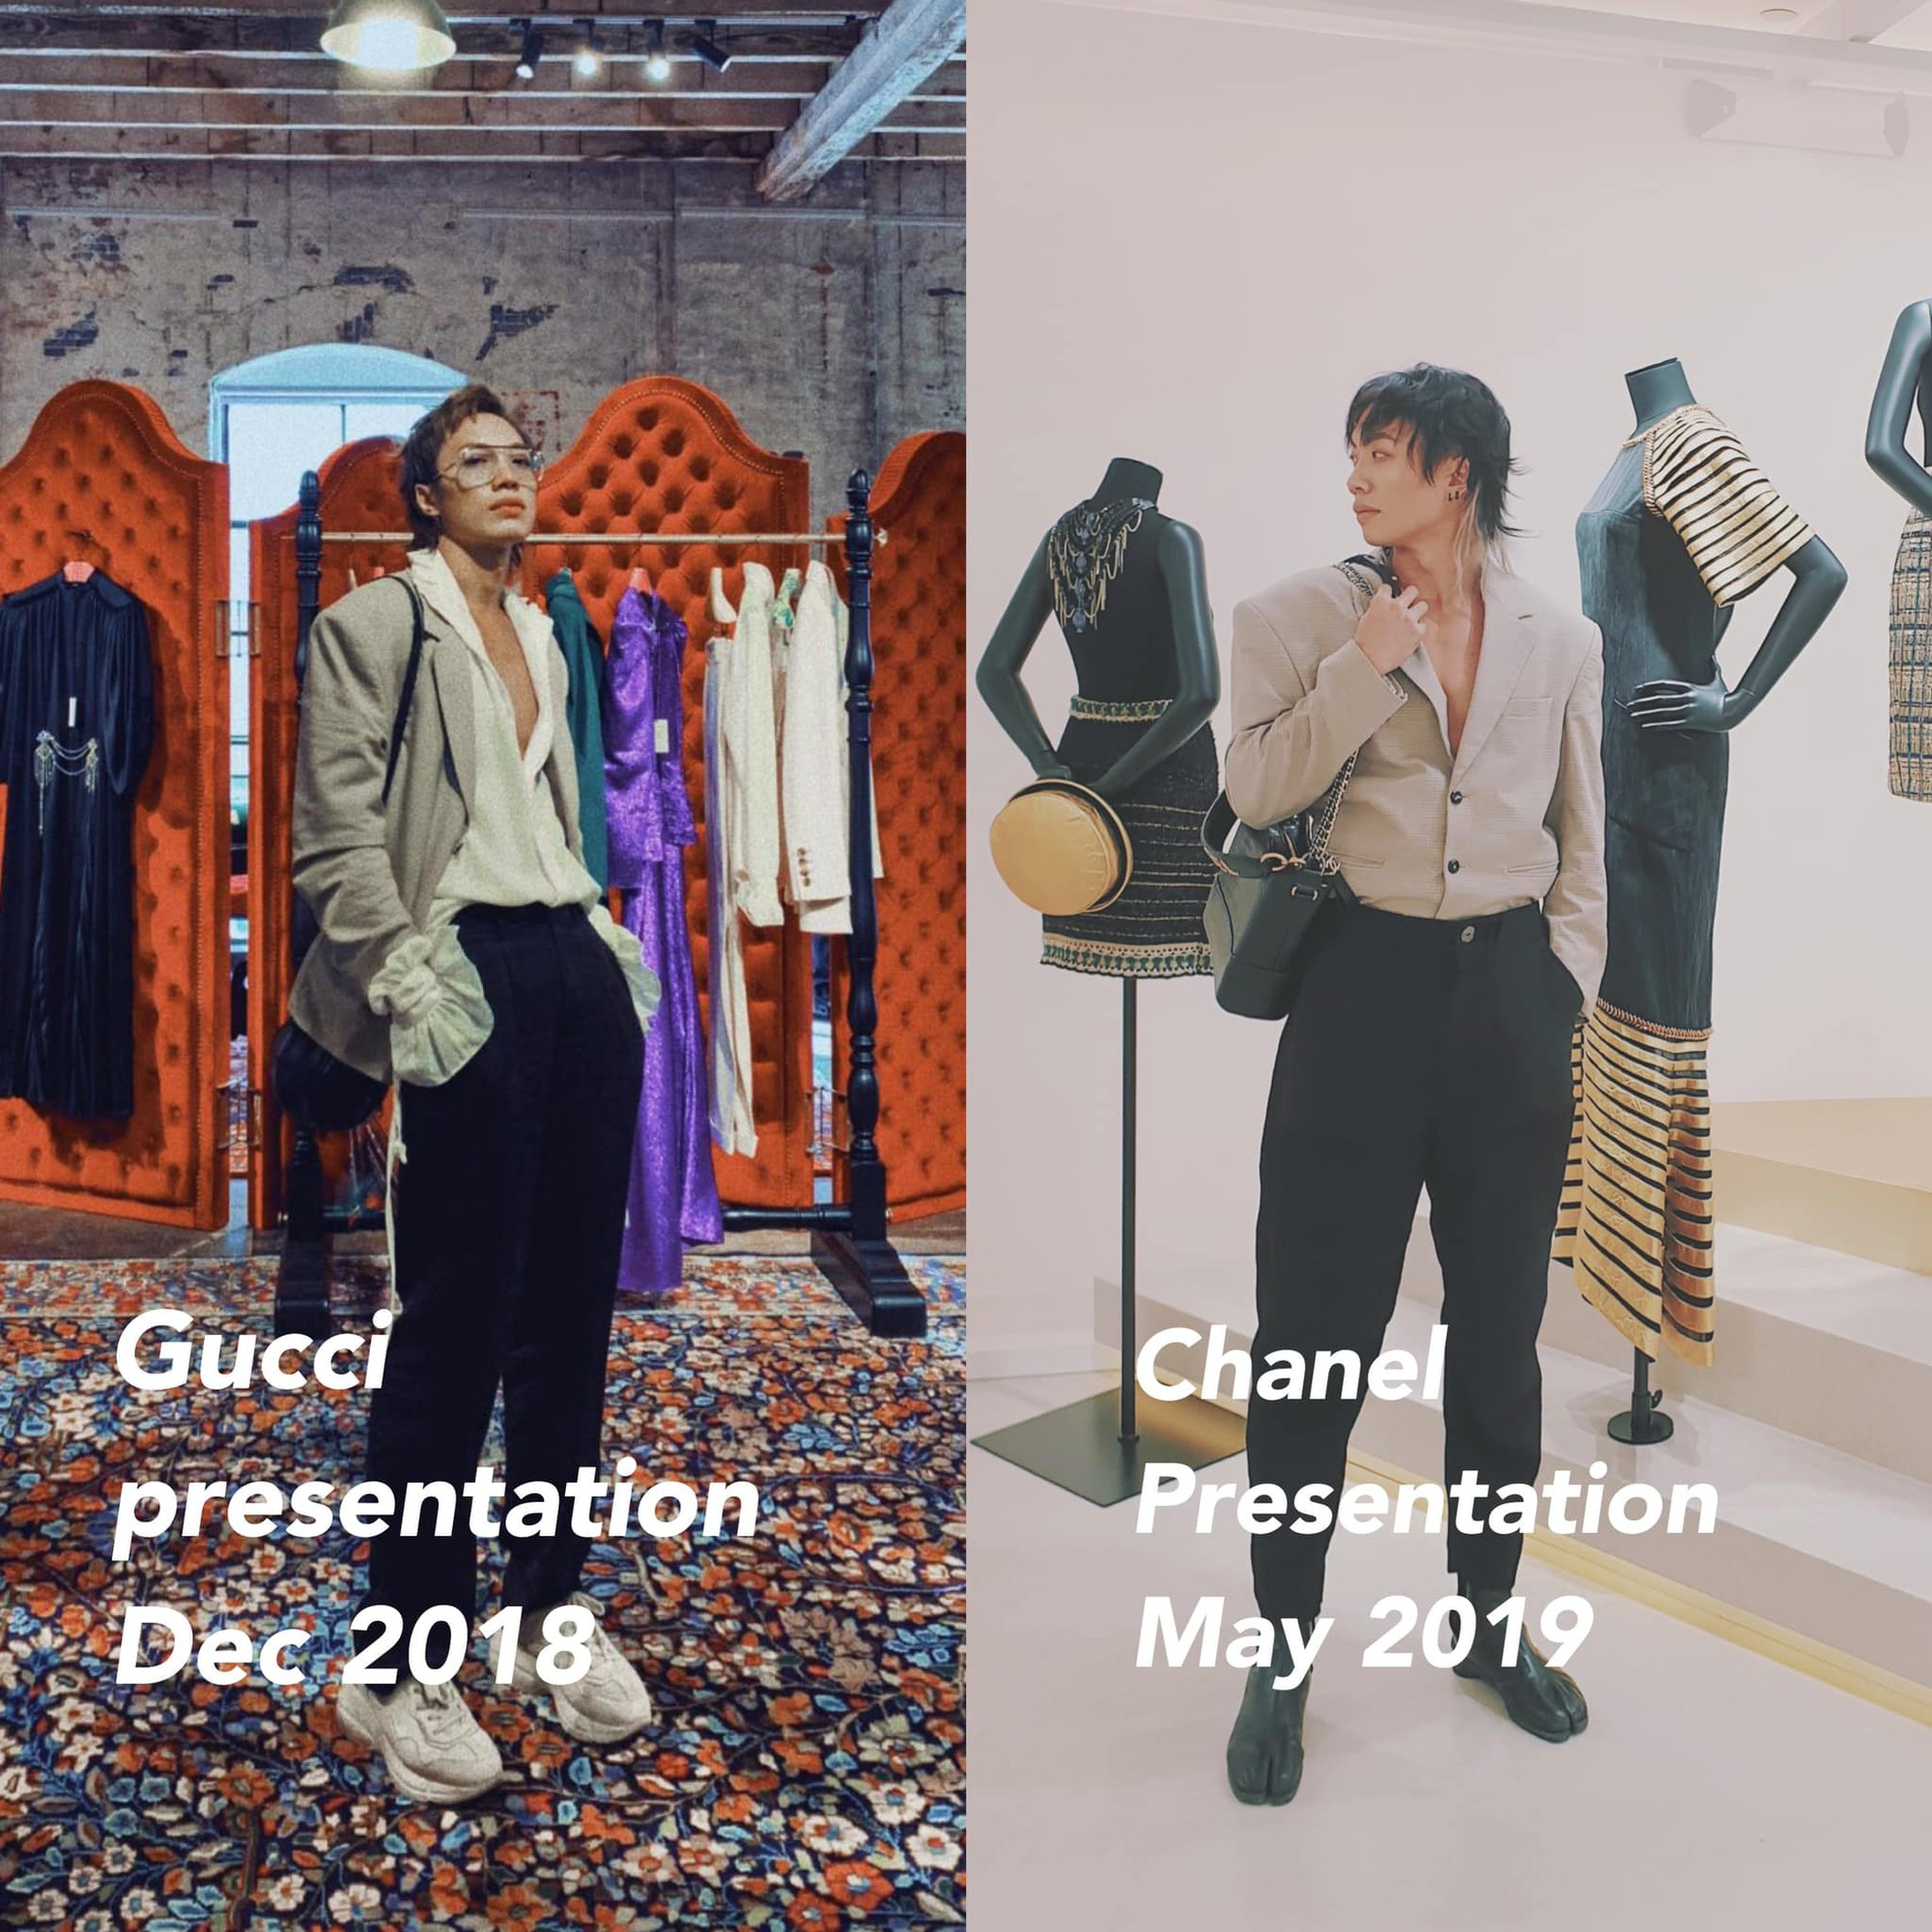 Dư tiền mua đồ mới nhưng nhiều sao Việt lẫn dàn KOLs nổi tiếng vẫn chăm chỉ tái chế quần áo cũ - Ảnh 2.